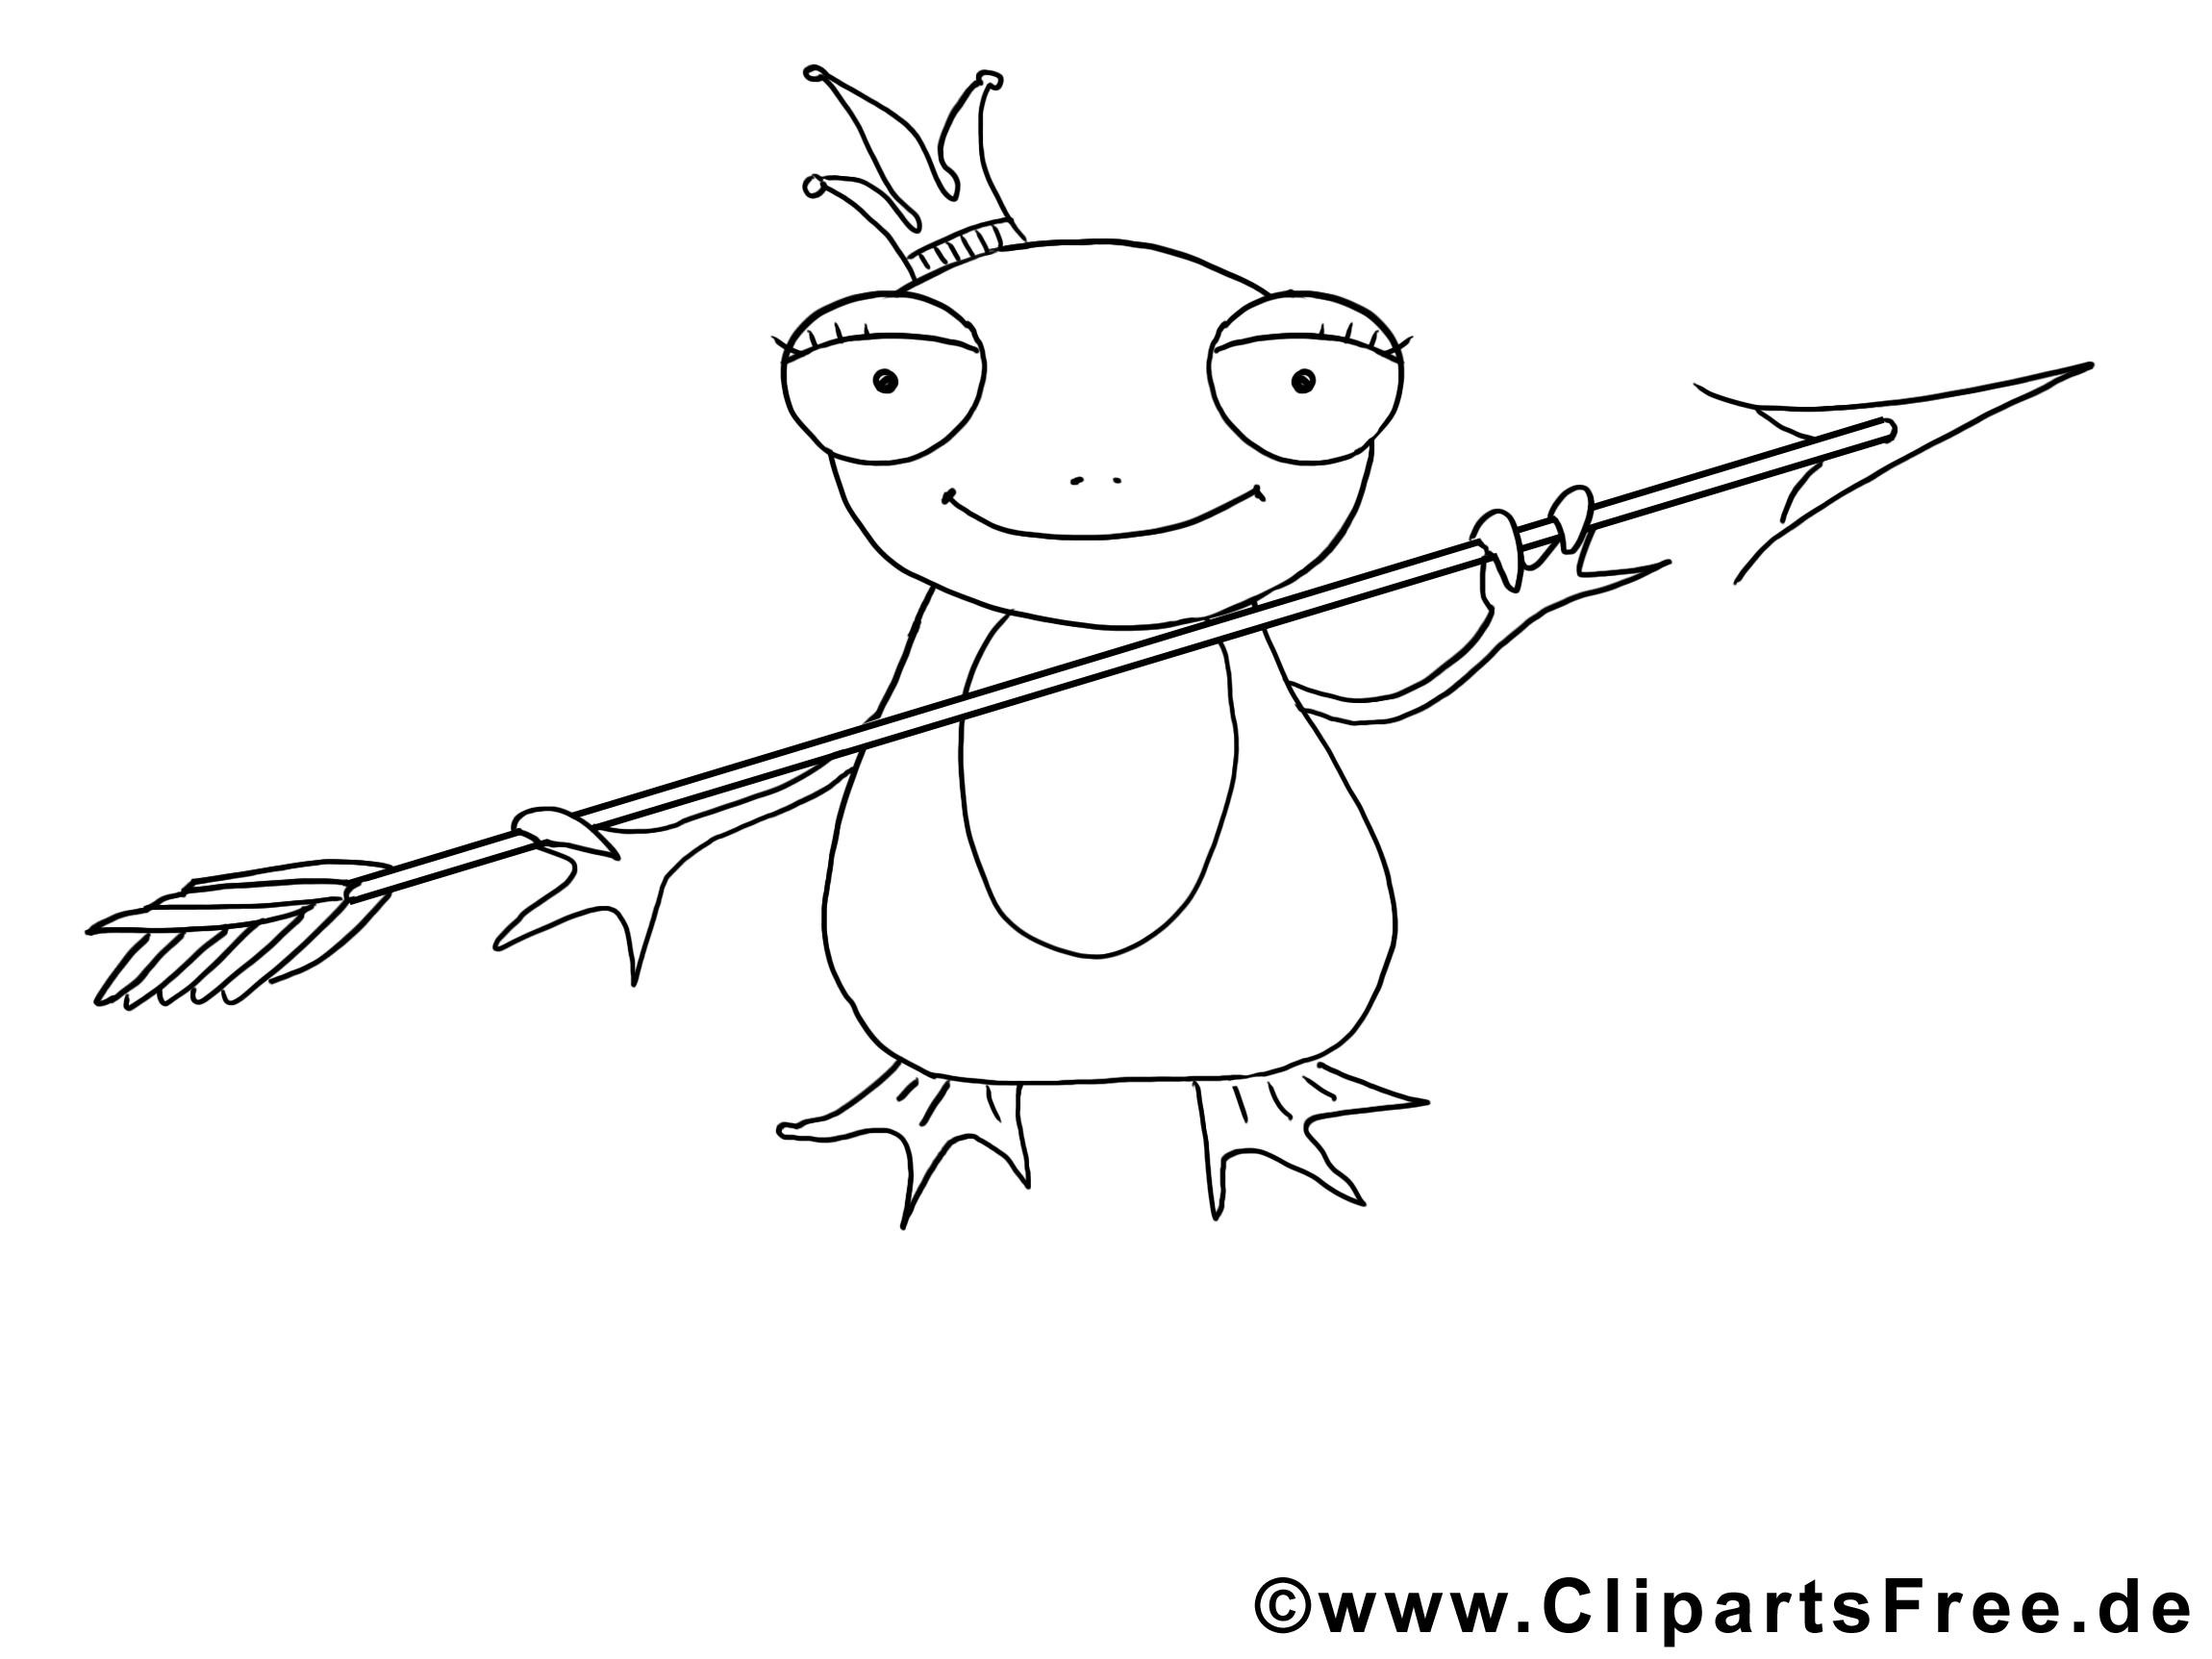 Grenouille clipart gratuit – Animal à colorier